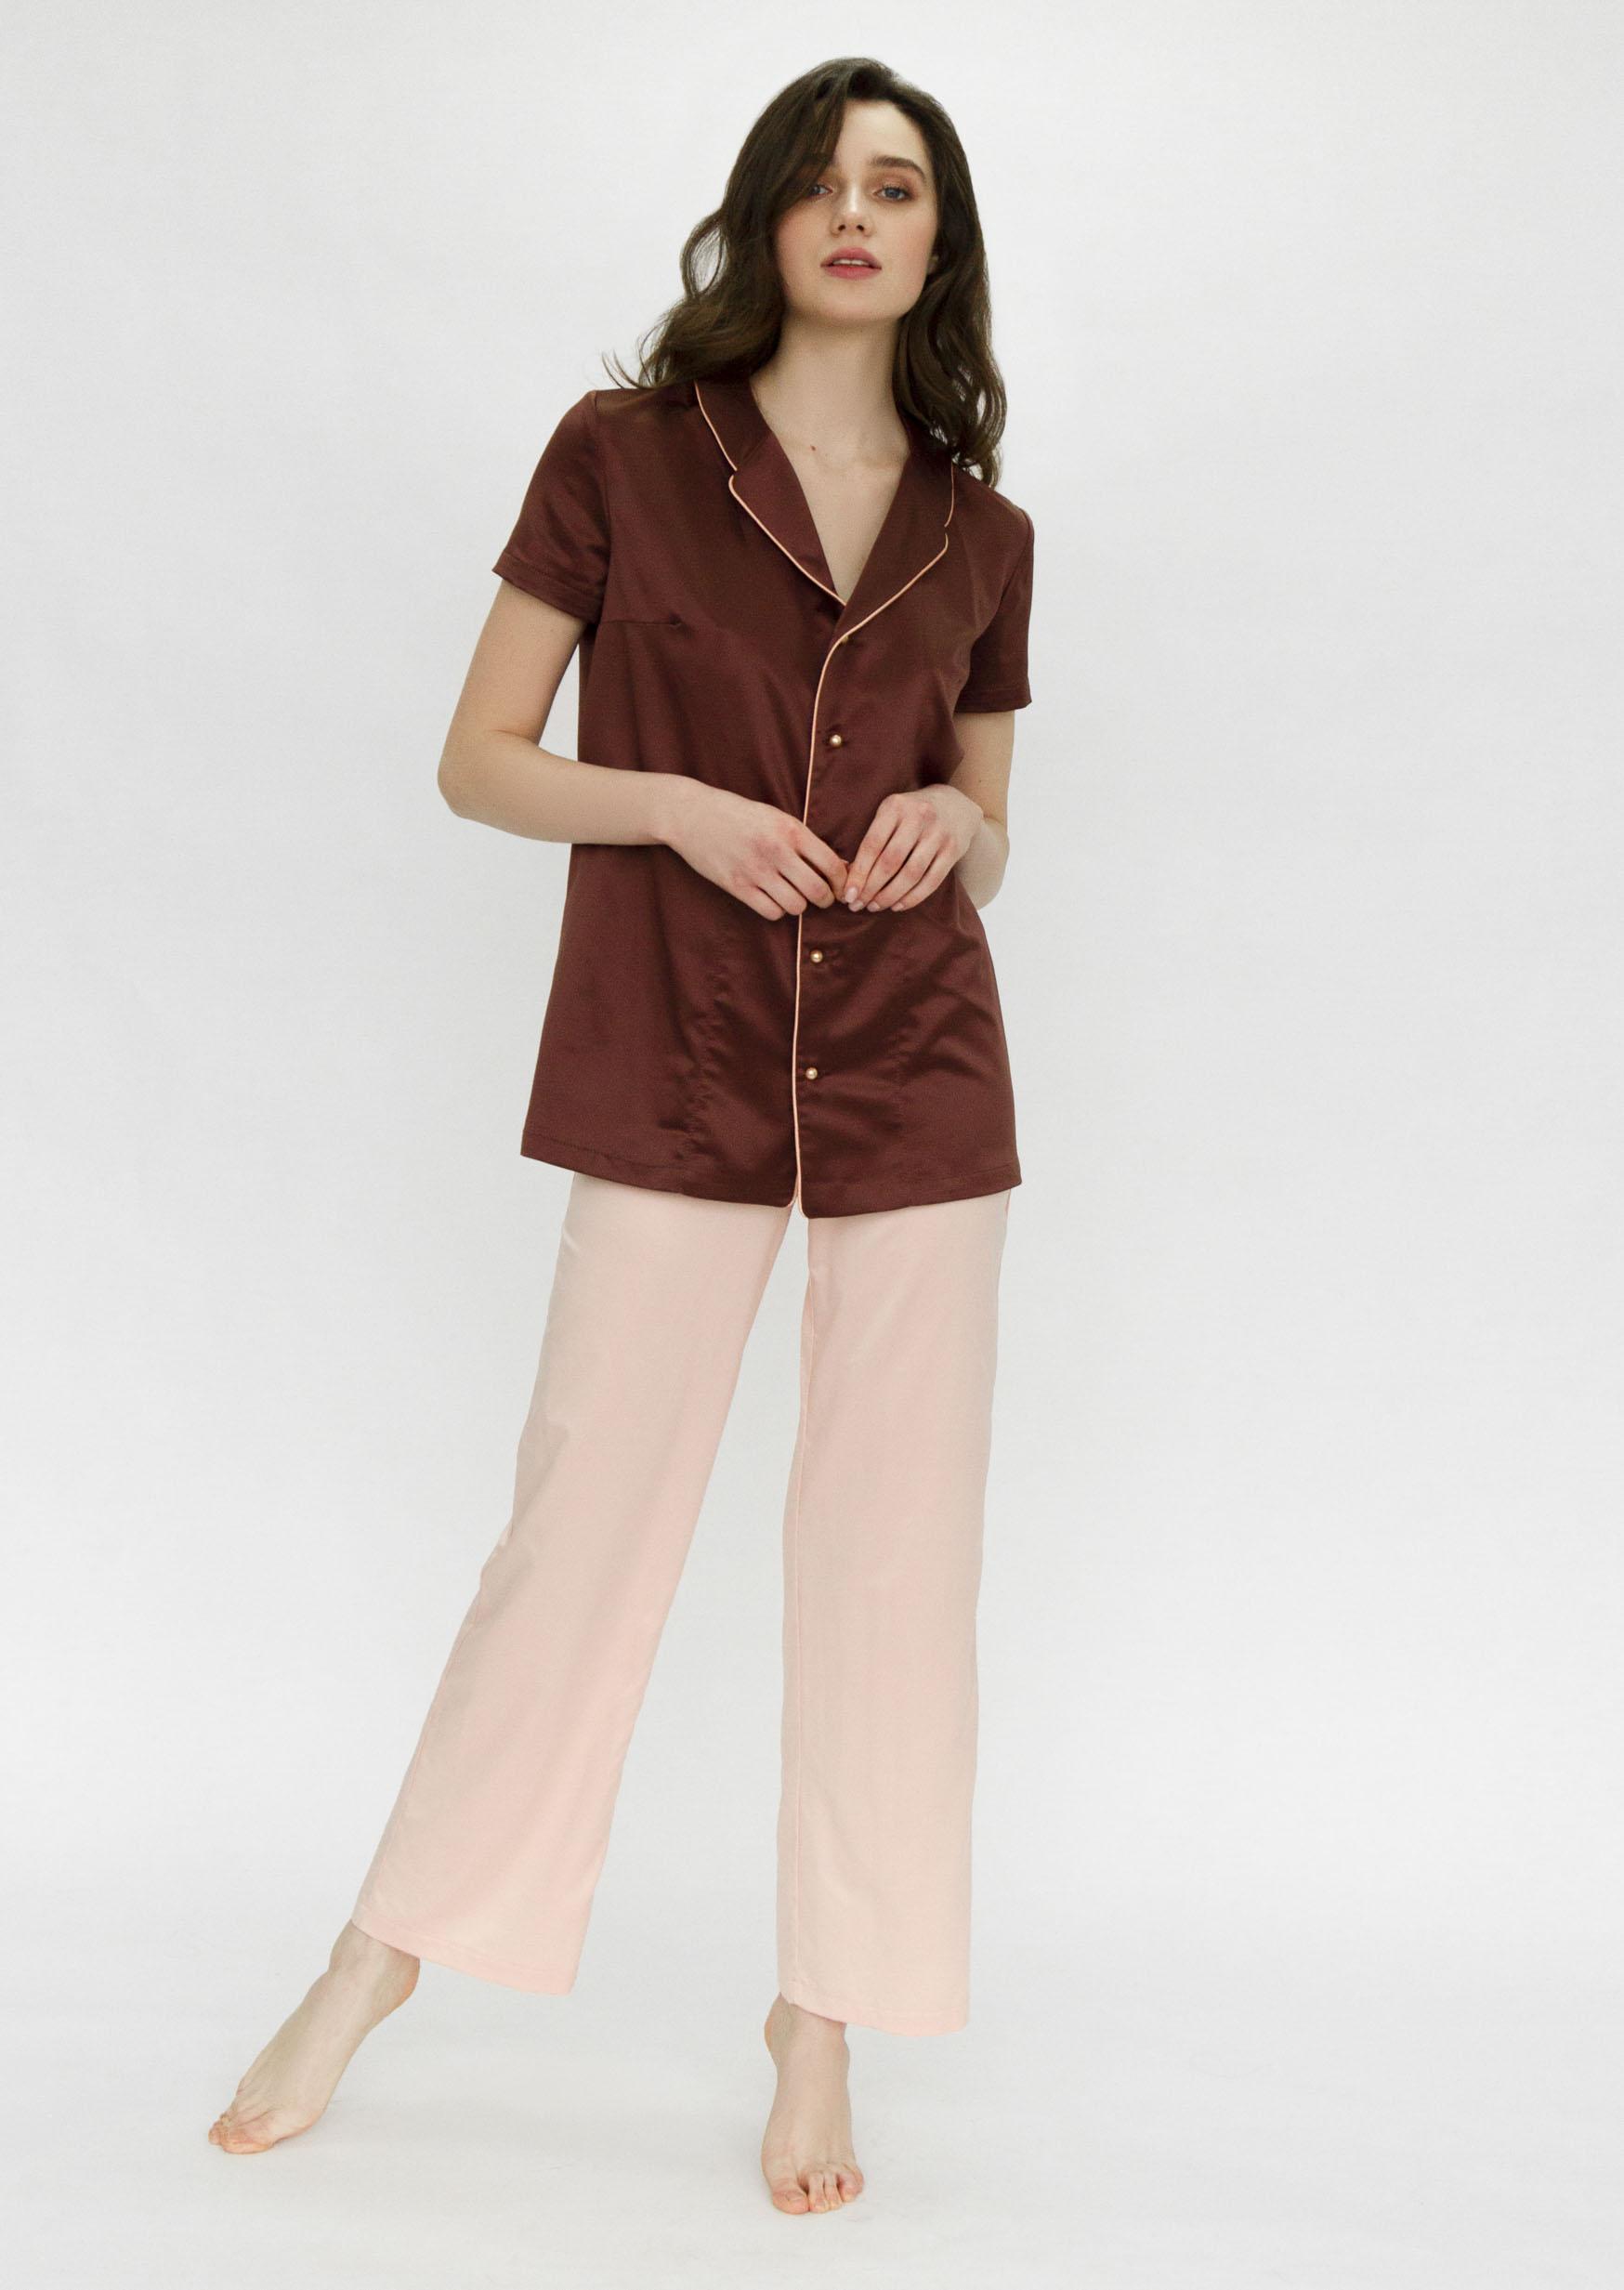 Vanilla Loungewear Set